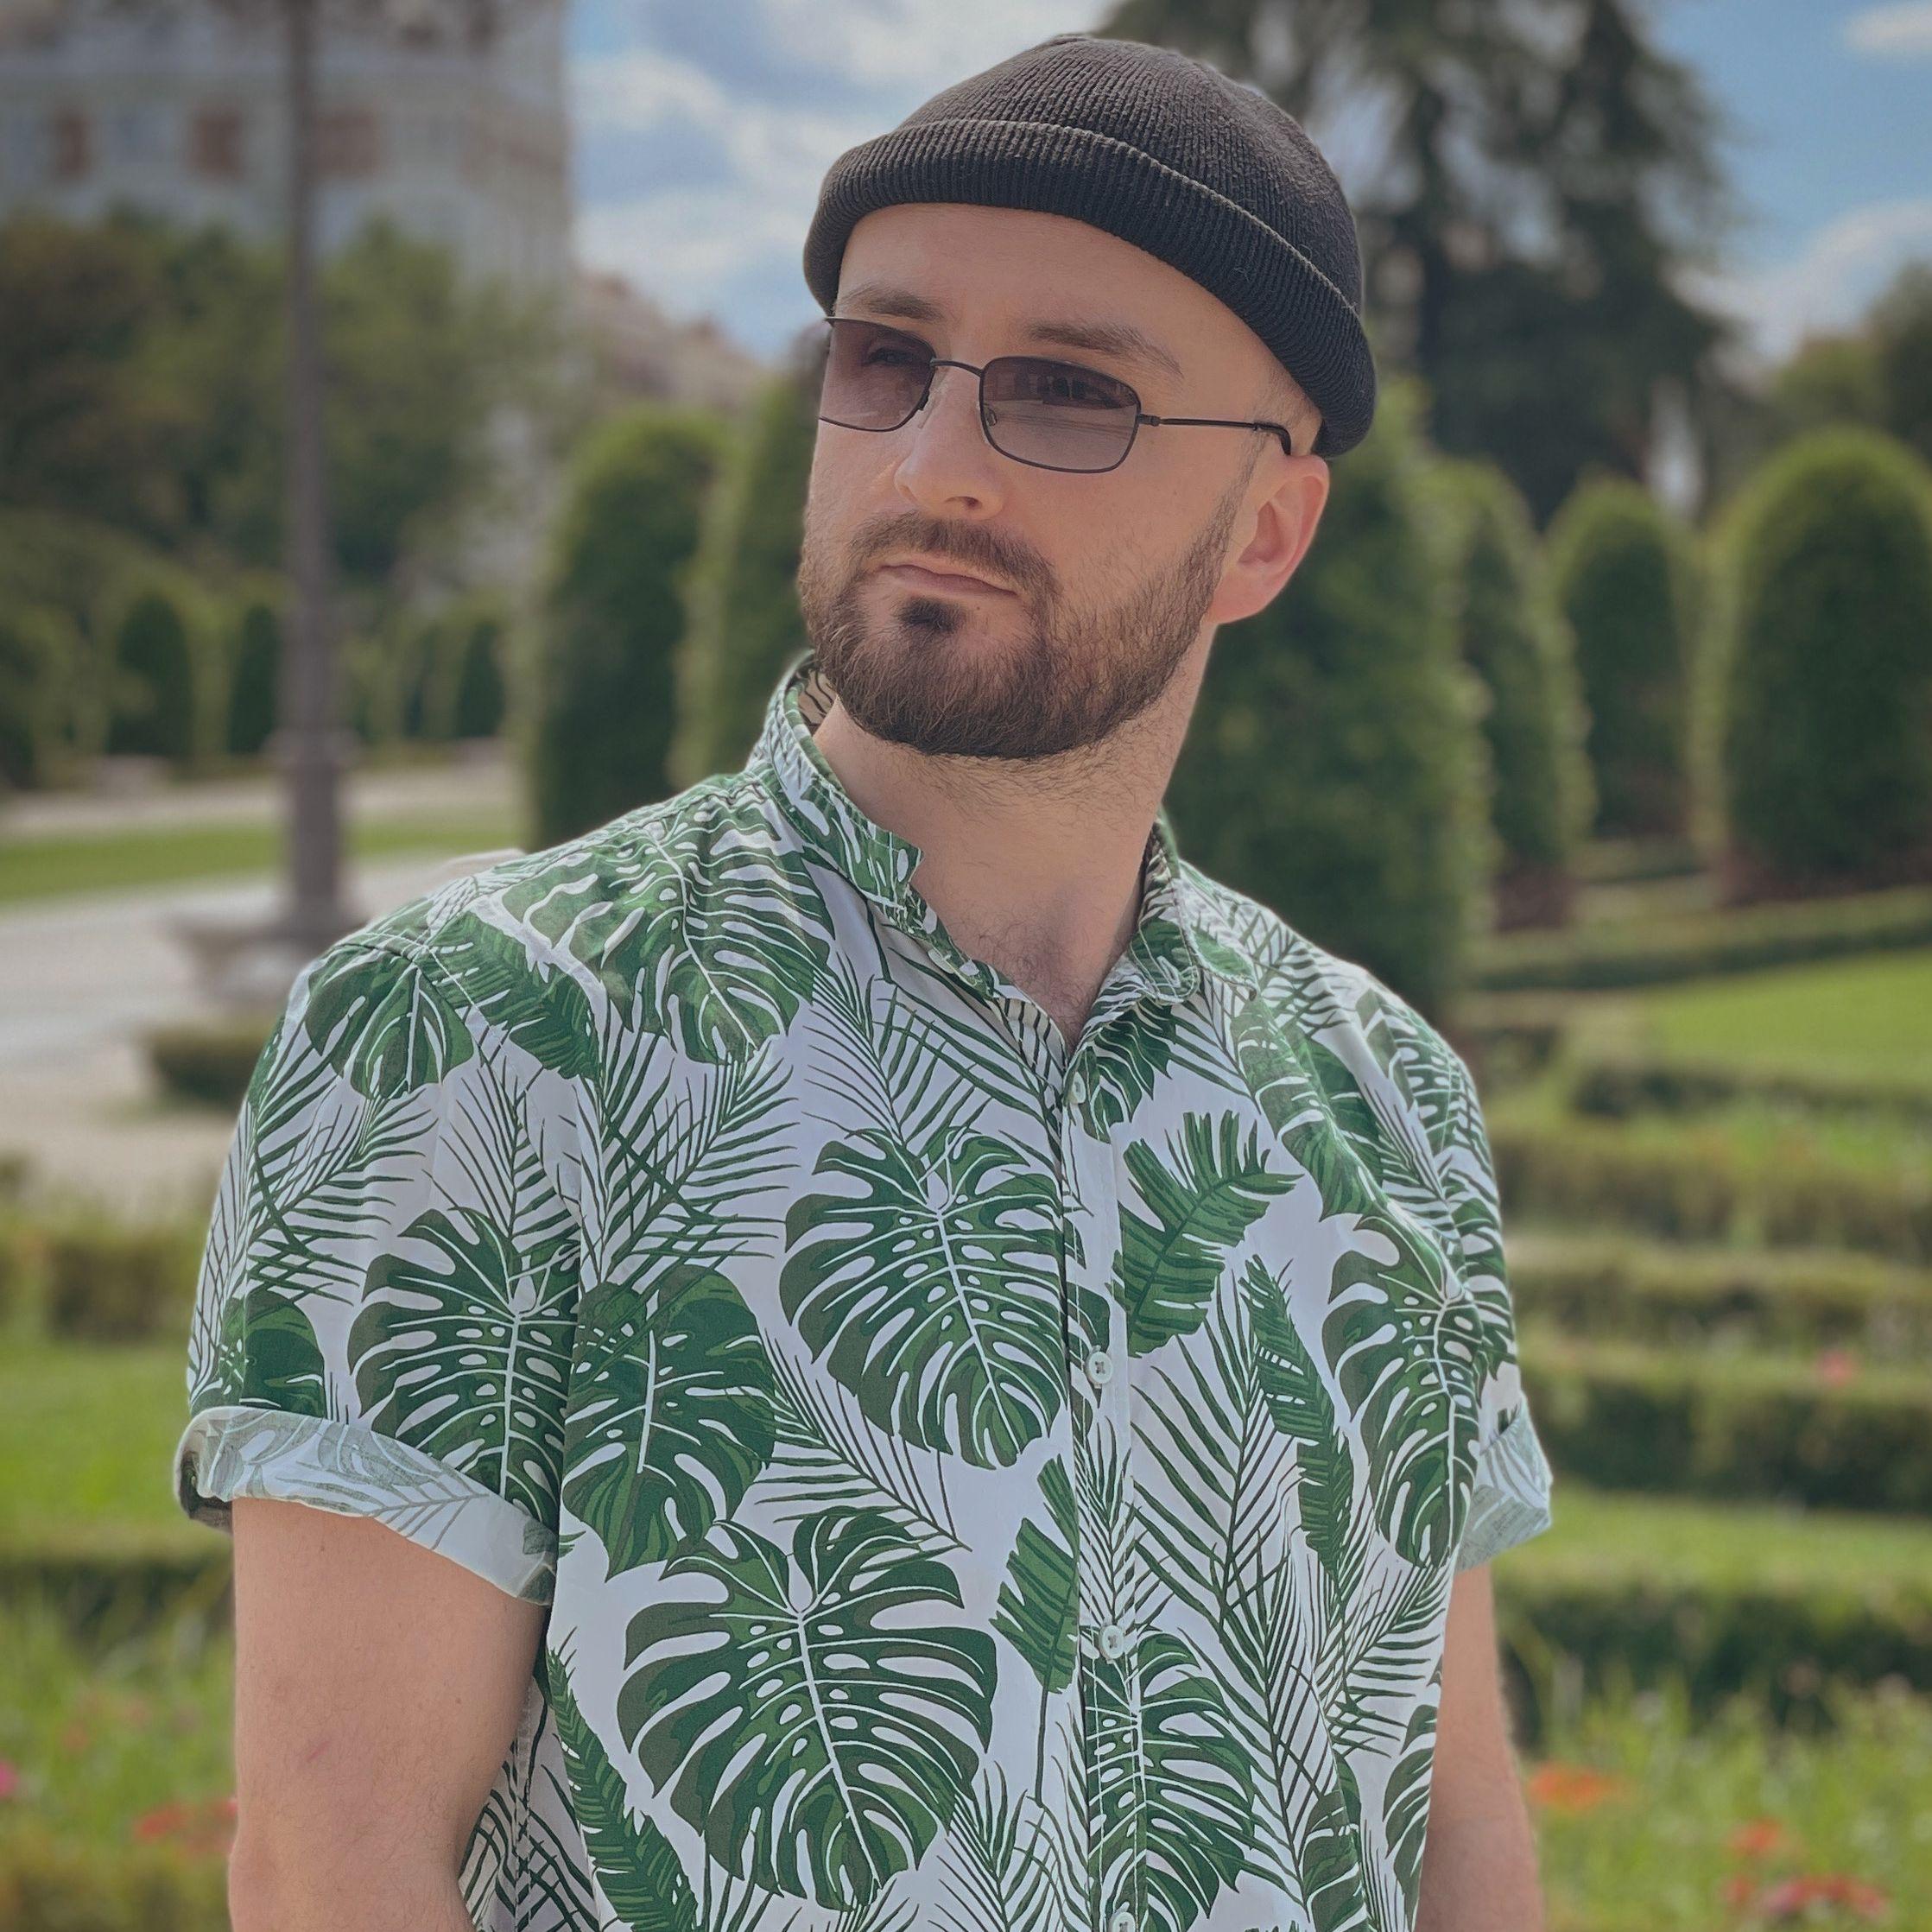 Paweł Tolek